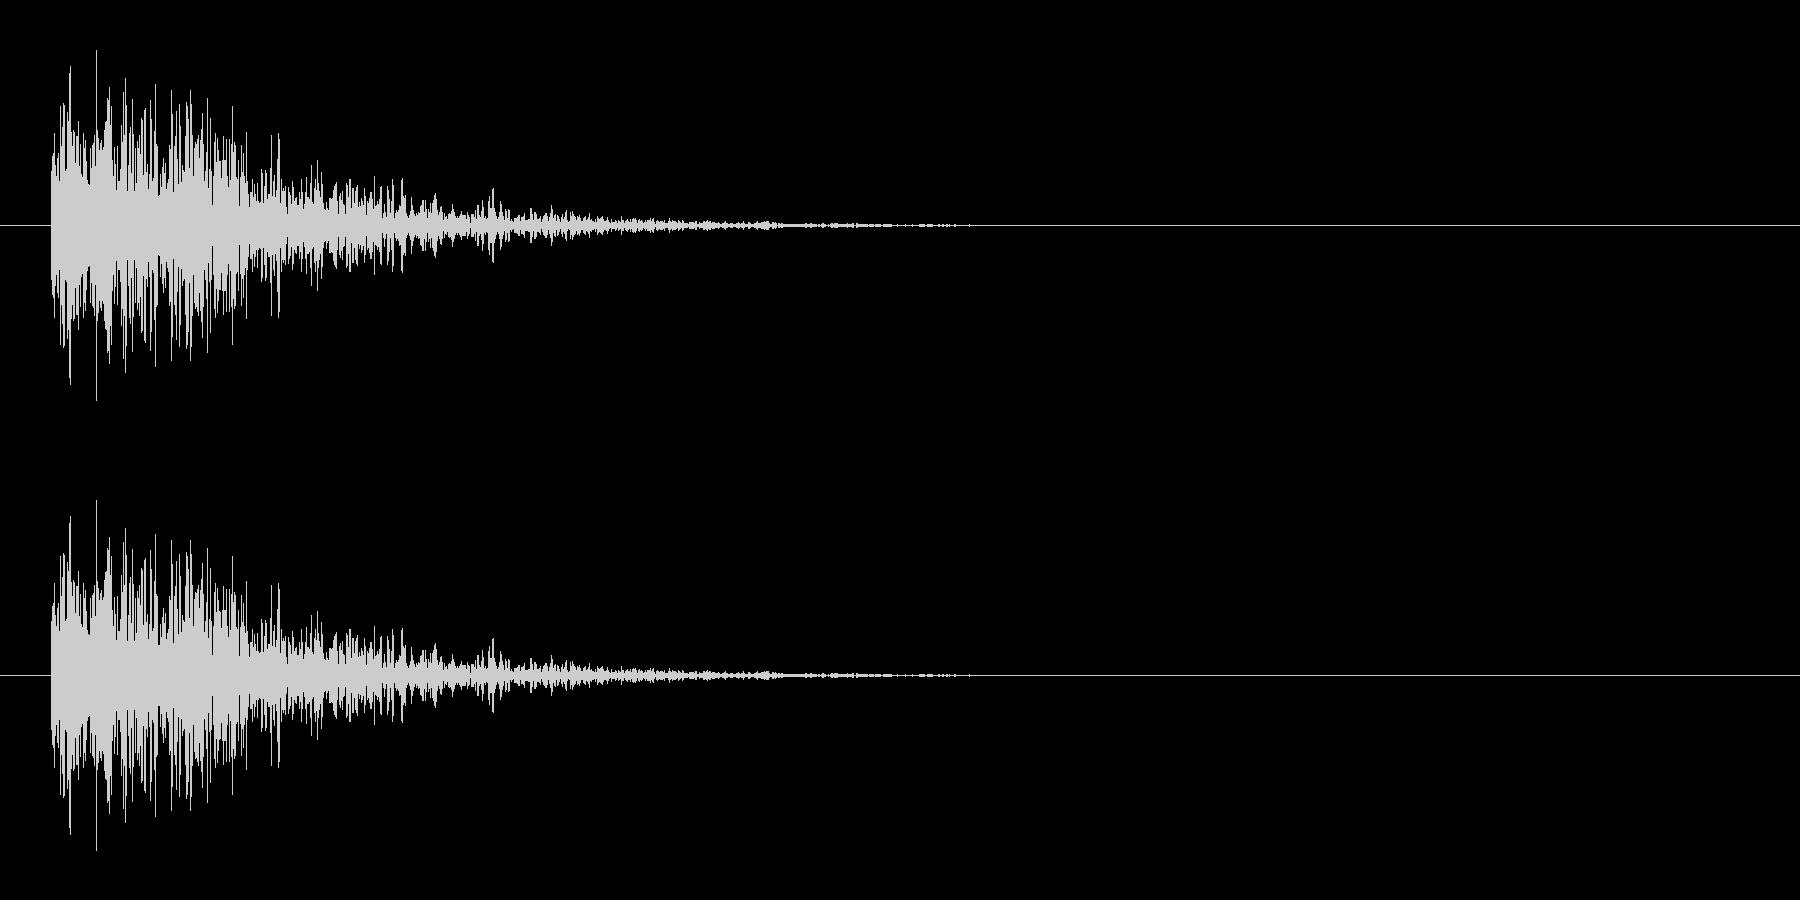 ダメージ音 15の未再生の波形